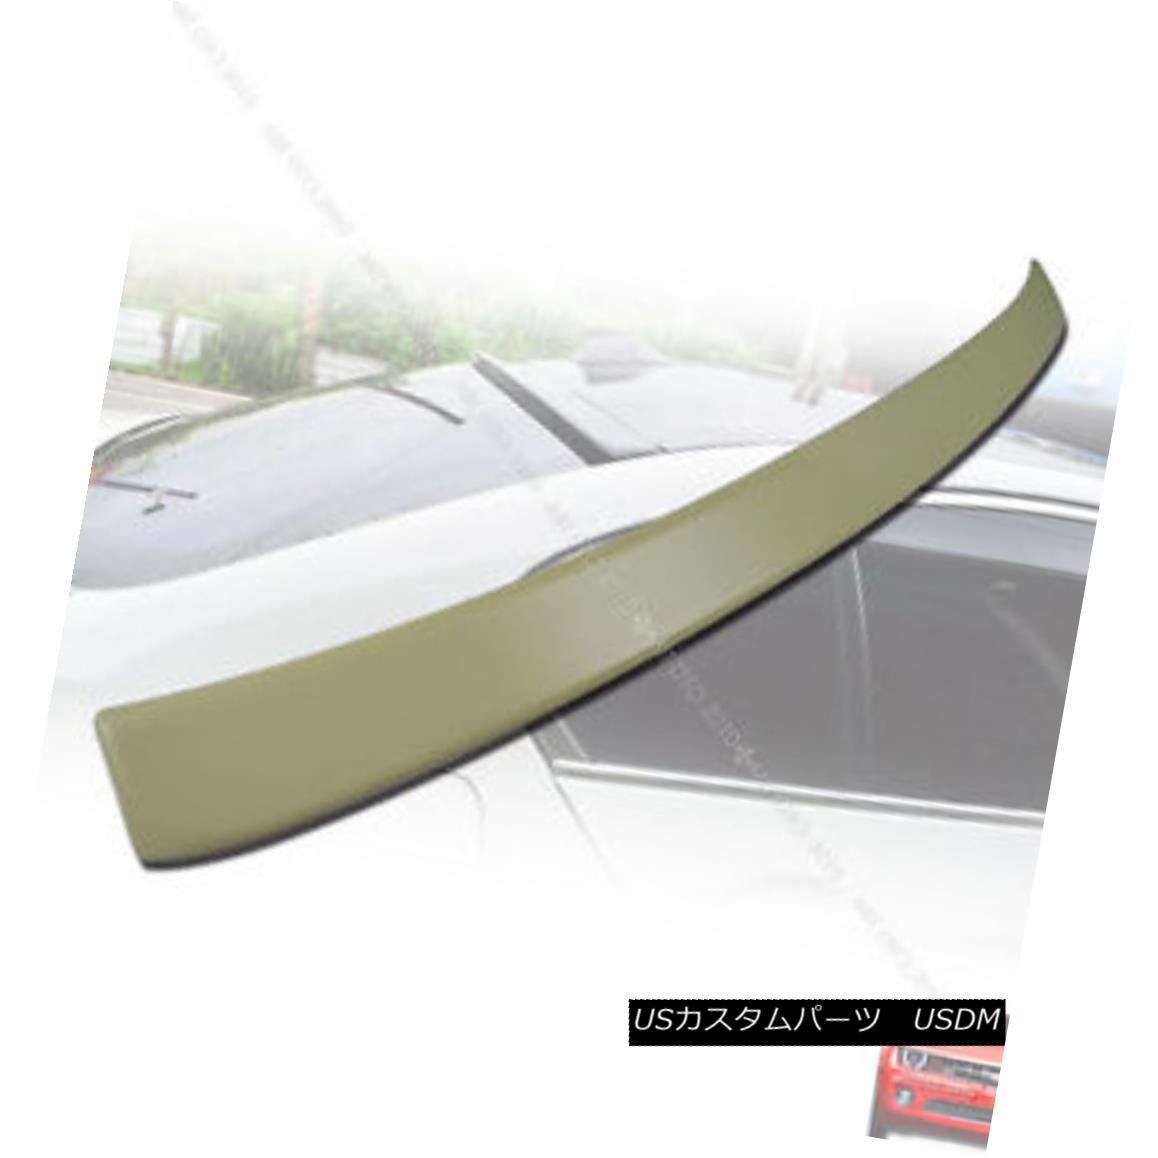 エアロパーツ SHIP FROM LA- BMW 5-Series Unpainted F10 A Type Roof Spoiler Wing 2010+ M Sport 船からLA-BMW 5-Series Unpainted F10 Aタイプルーフスポイラーウィング2010+ Mスポーツ